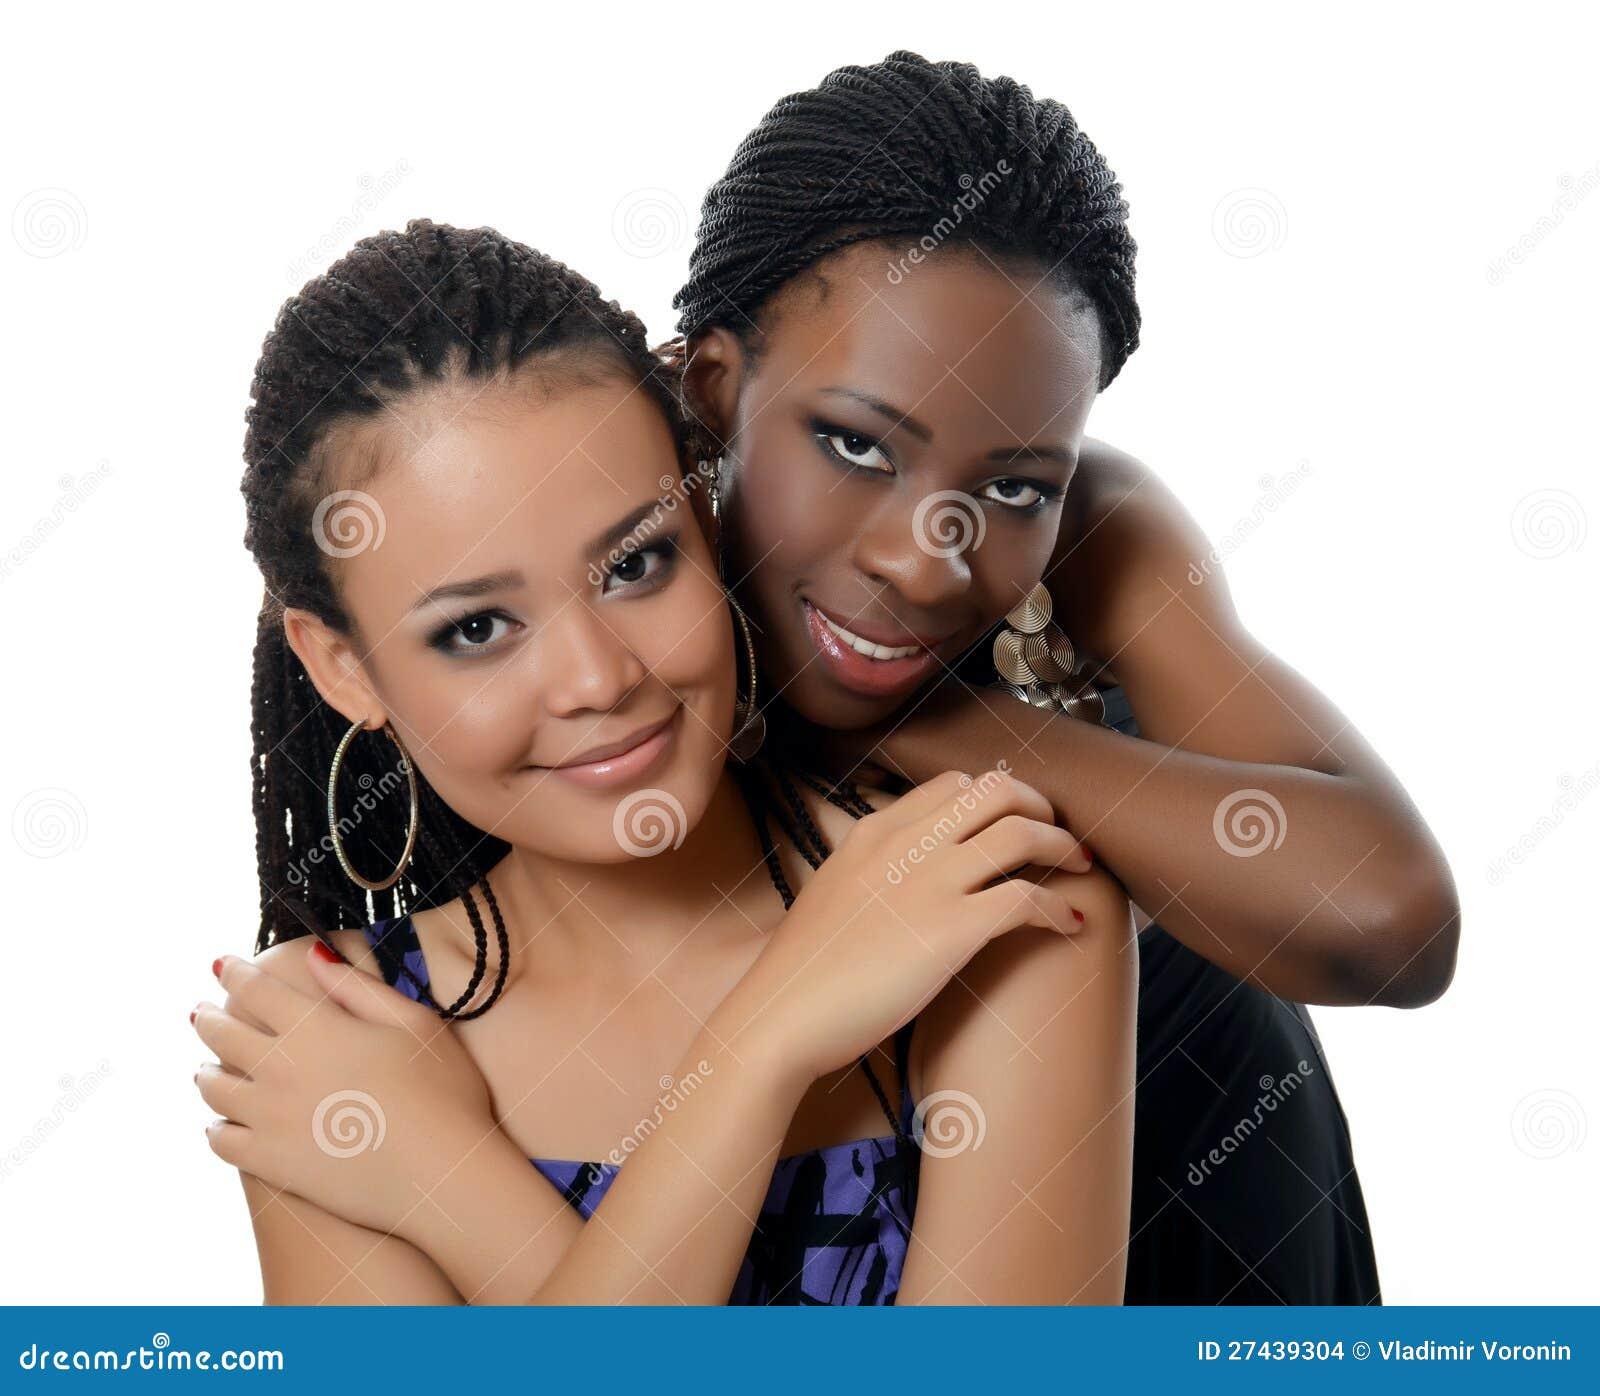 Dziewczyna oliwkowa i czarny dziewczyna